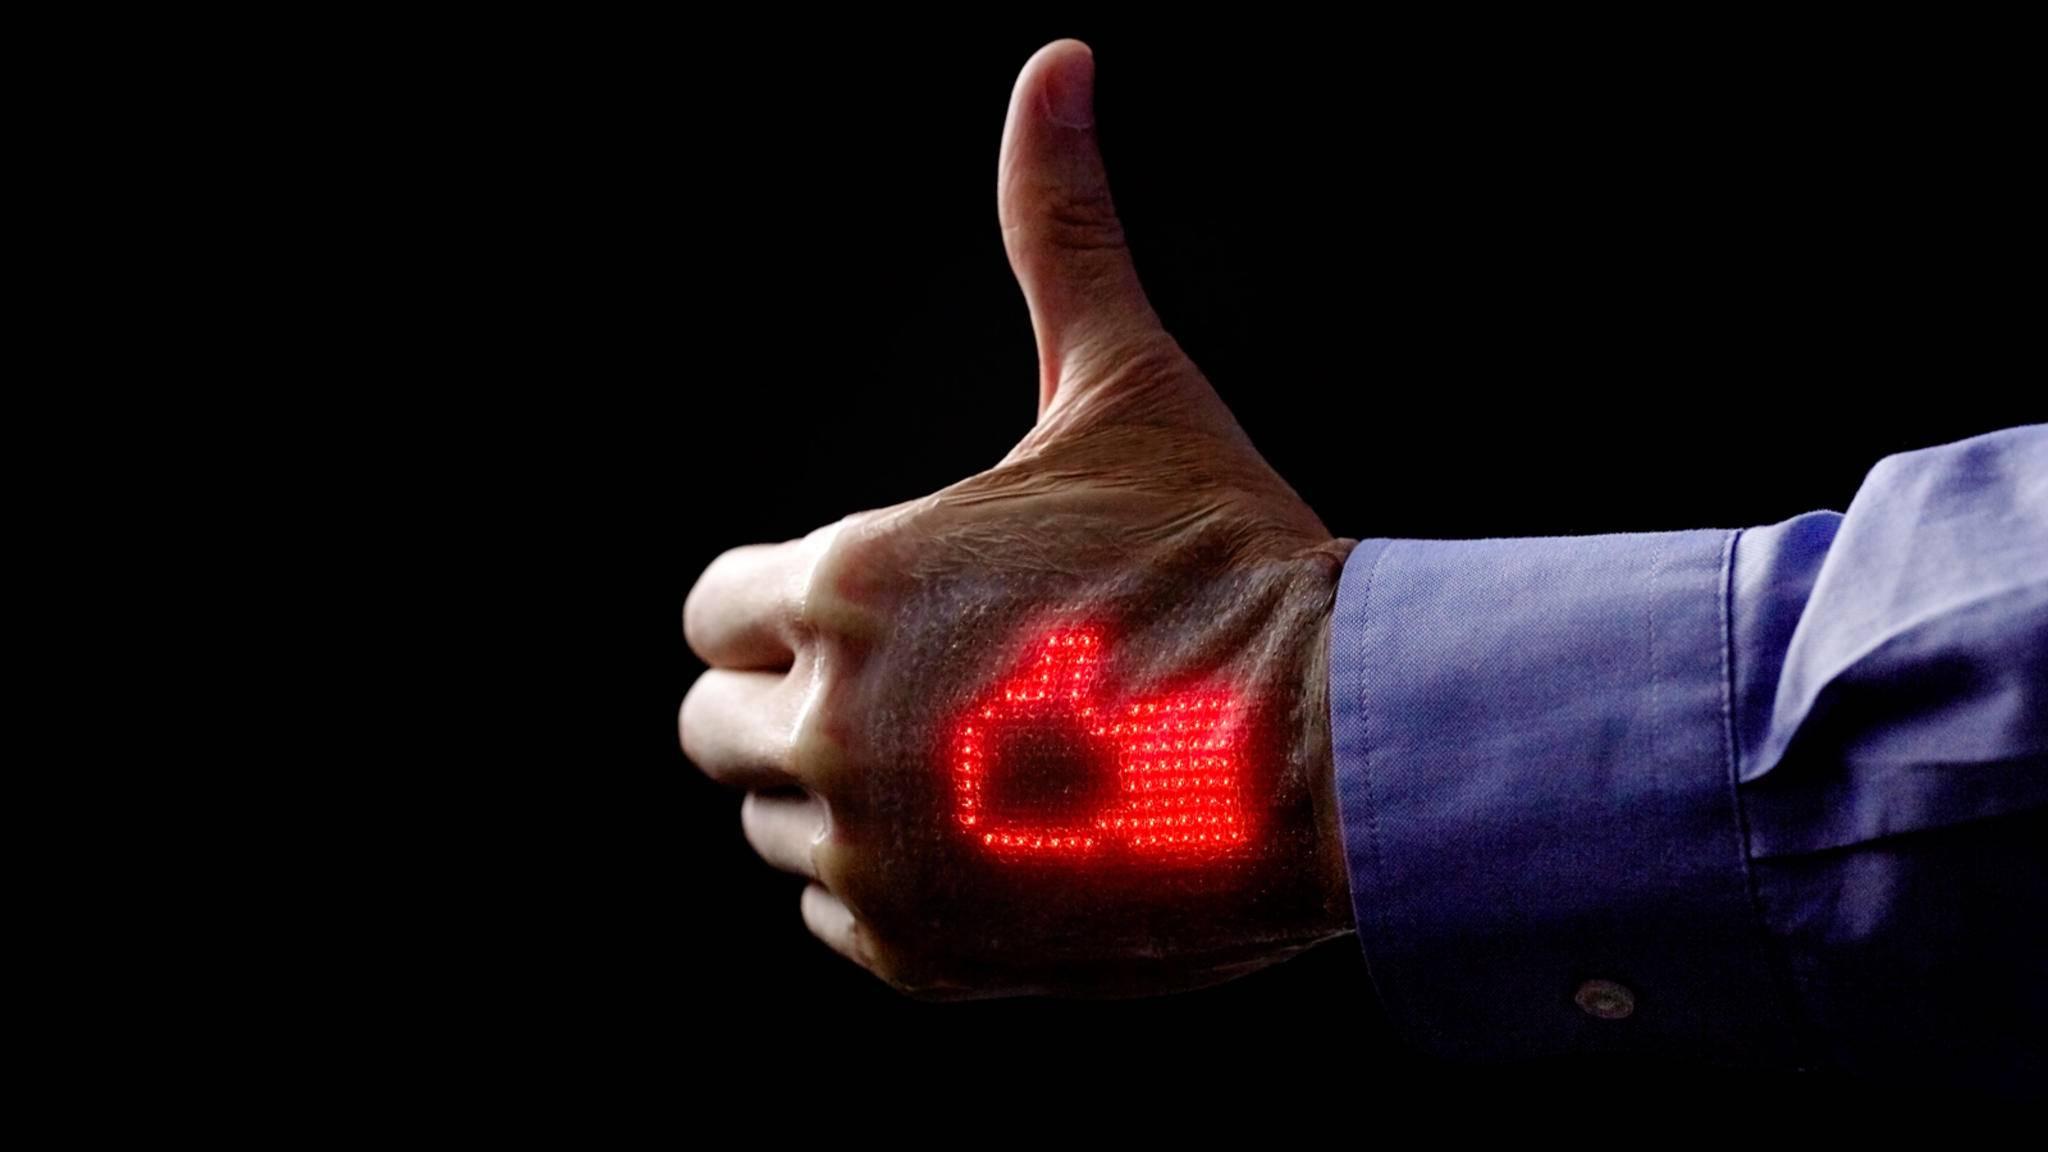 Skin Electronics sollen als neuartige Haut-Displays den Gesundheitssektor revolutionieren.